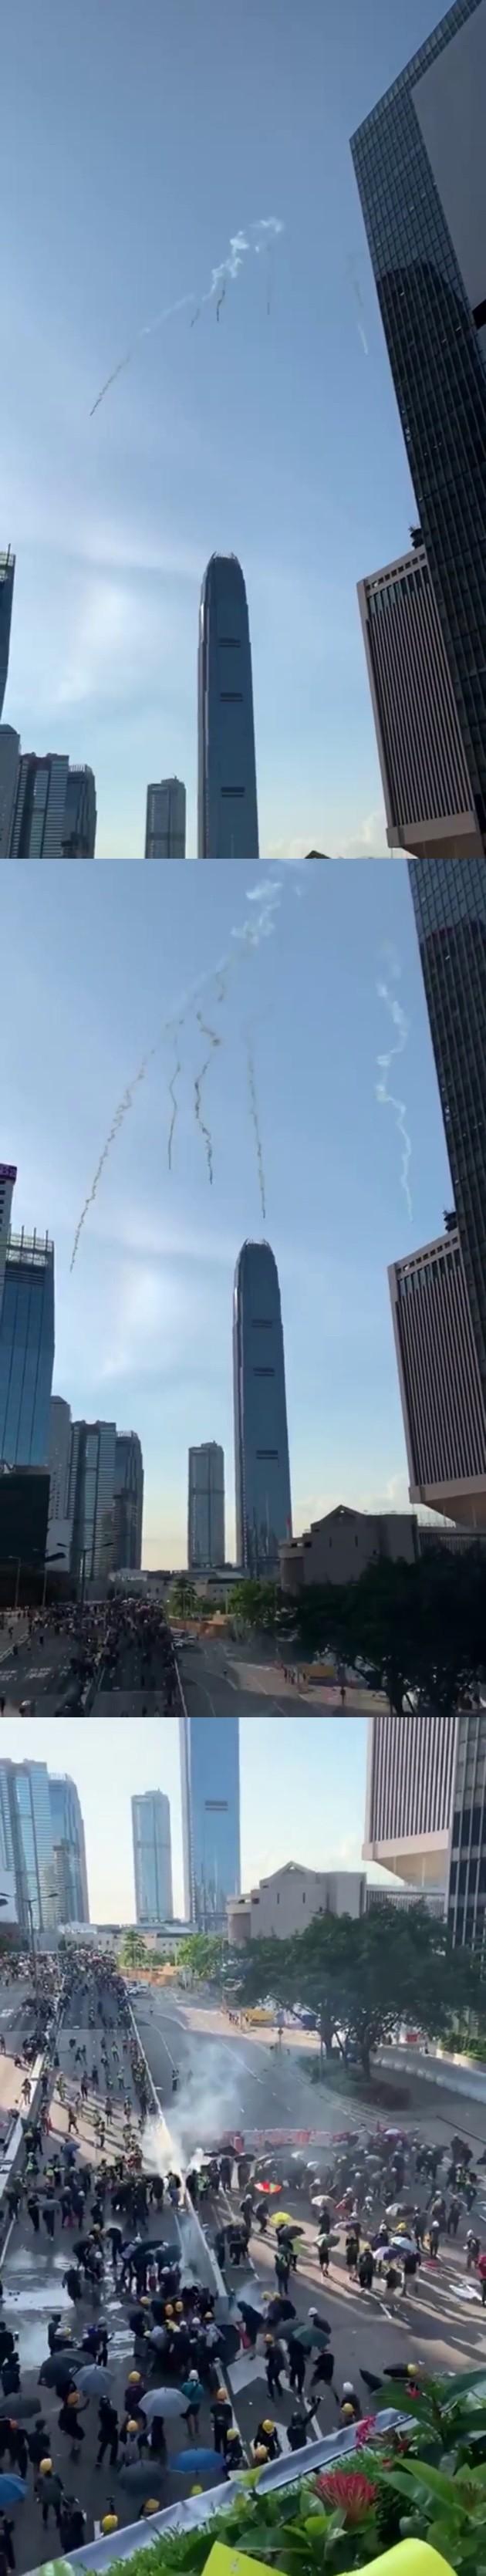 香港デモに関連した画像-02